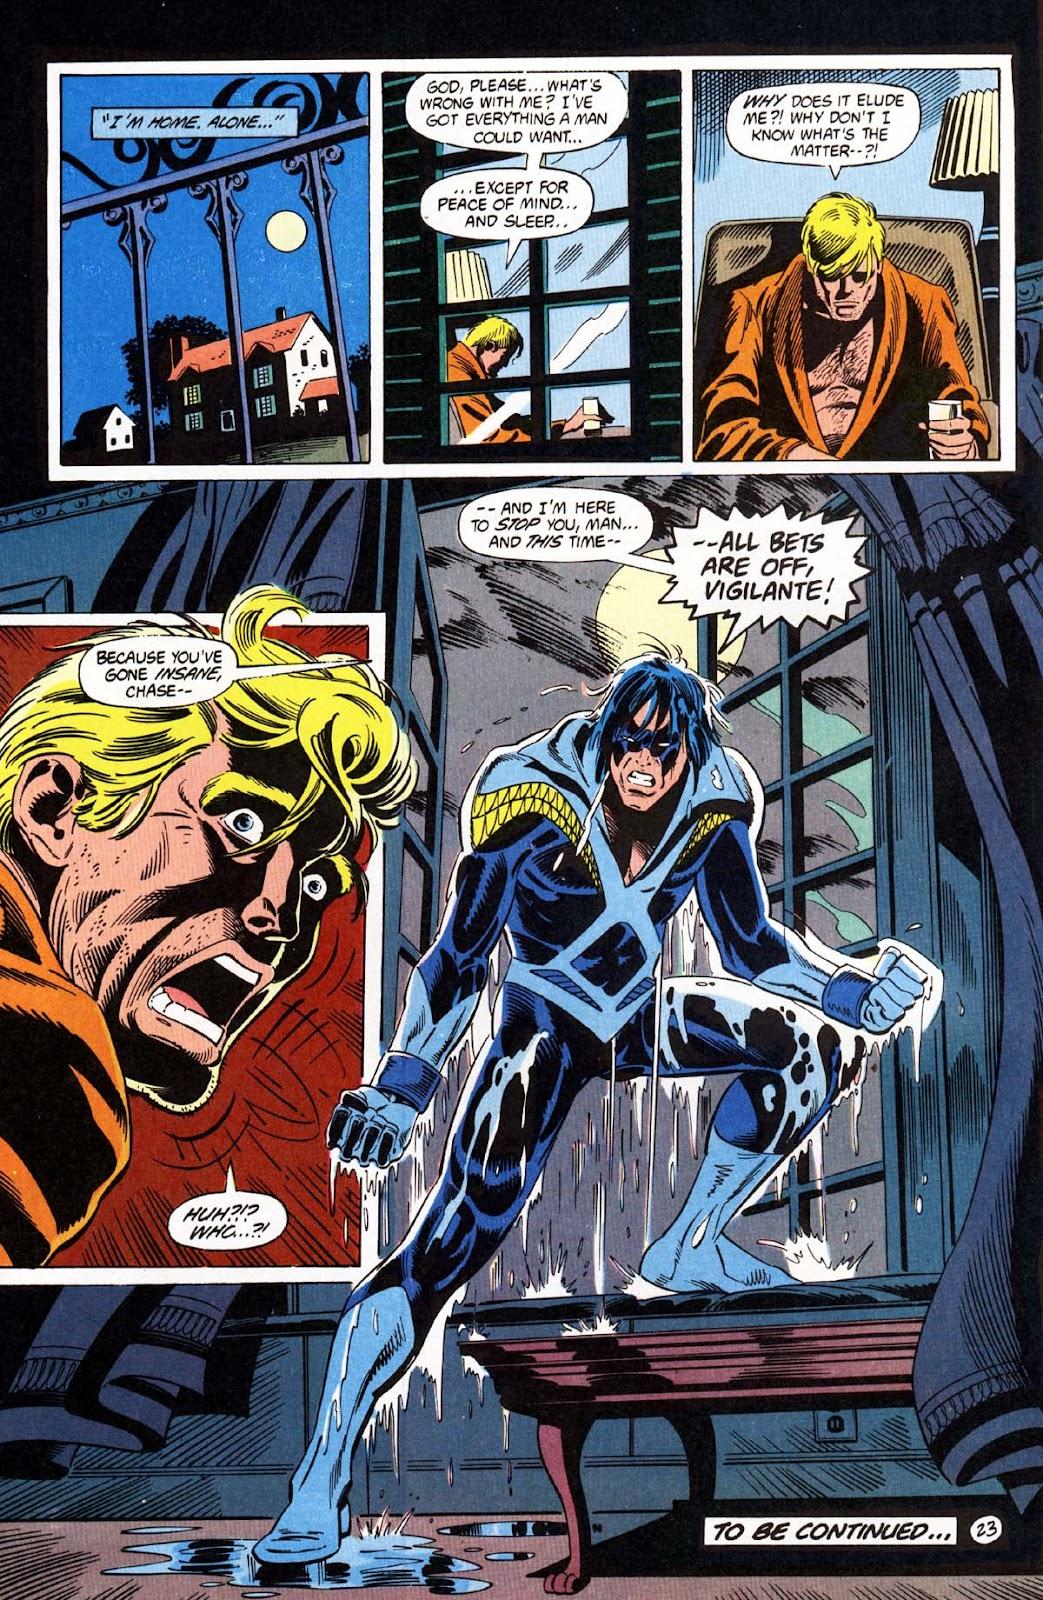 Vigilante (1983) issue 20 - Page 24